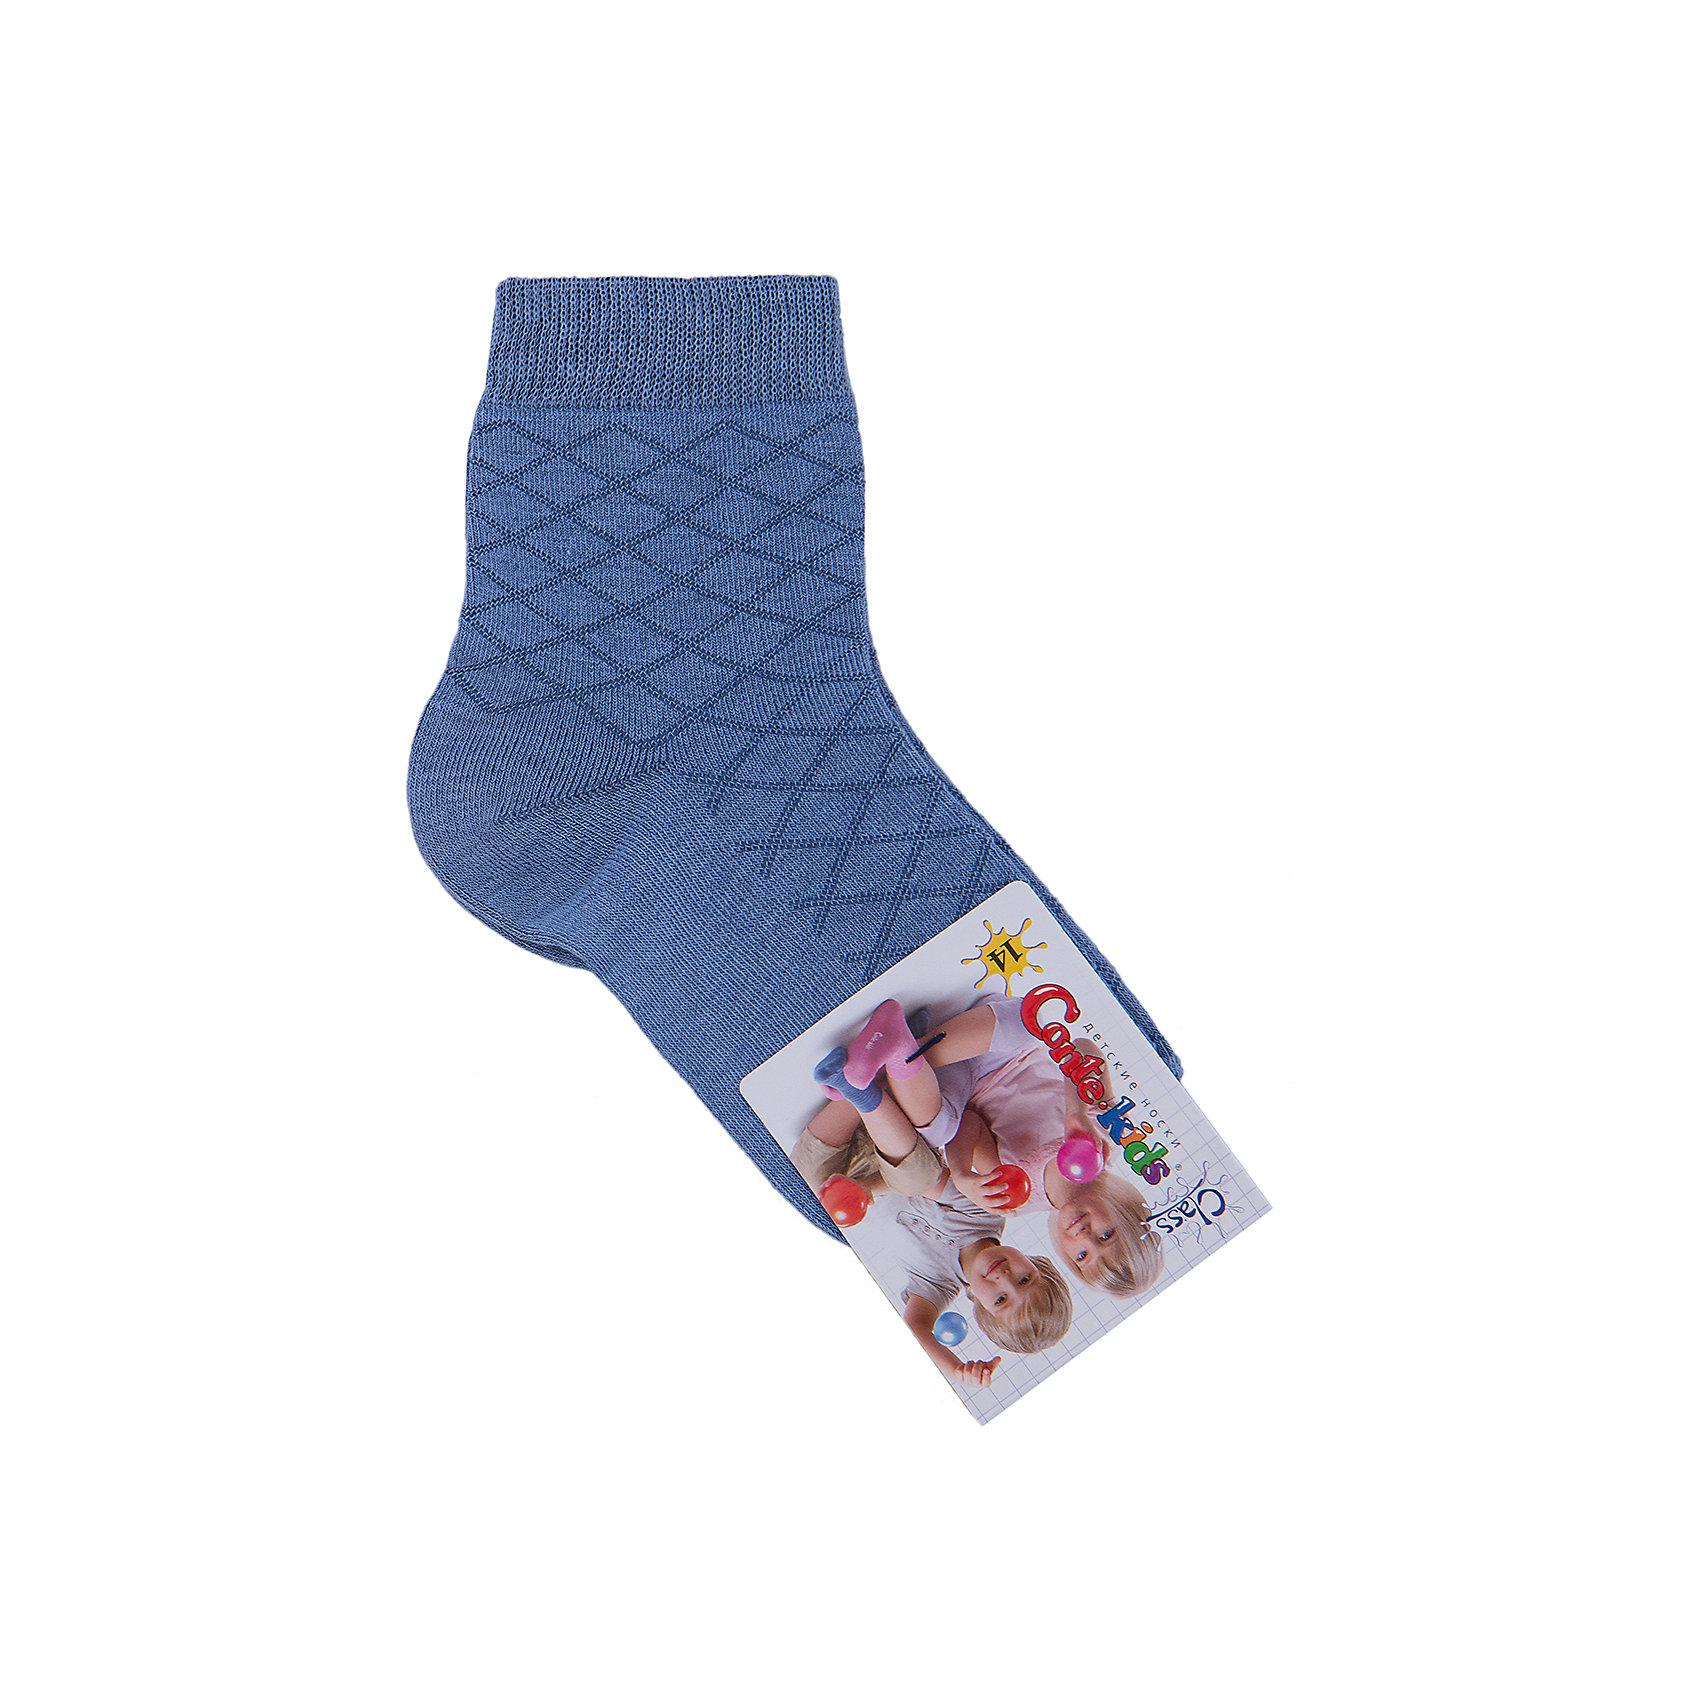 Носки  Conte-kidsДетские носки известной марки Conte-kids.<br>- Мягкие,  эластичные,  удобные и практичные.<br>- От белорусского производителя. <br>- Для девочек и мальчиков. <br><br>Состав: 50% - хлопок, 47,2% - полиамид, 2,8% - эластан.<br><br>Ширина мм: 87<br>Глубина мм: 10<br>Высота мм: 105<br>Вес г: 115<br>Цвет: голубой<br>Возраст от месяцев: 36<br>Возраст до месяцев: 48<br>Пол: Унисекс<br>Возраст: Детский<br>Размер: 14<br>SKU: 4823955